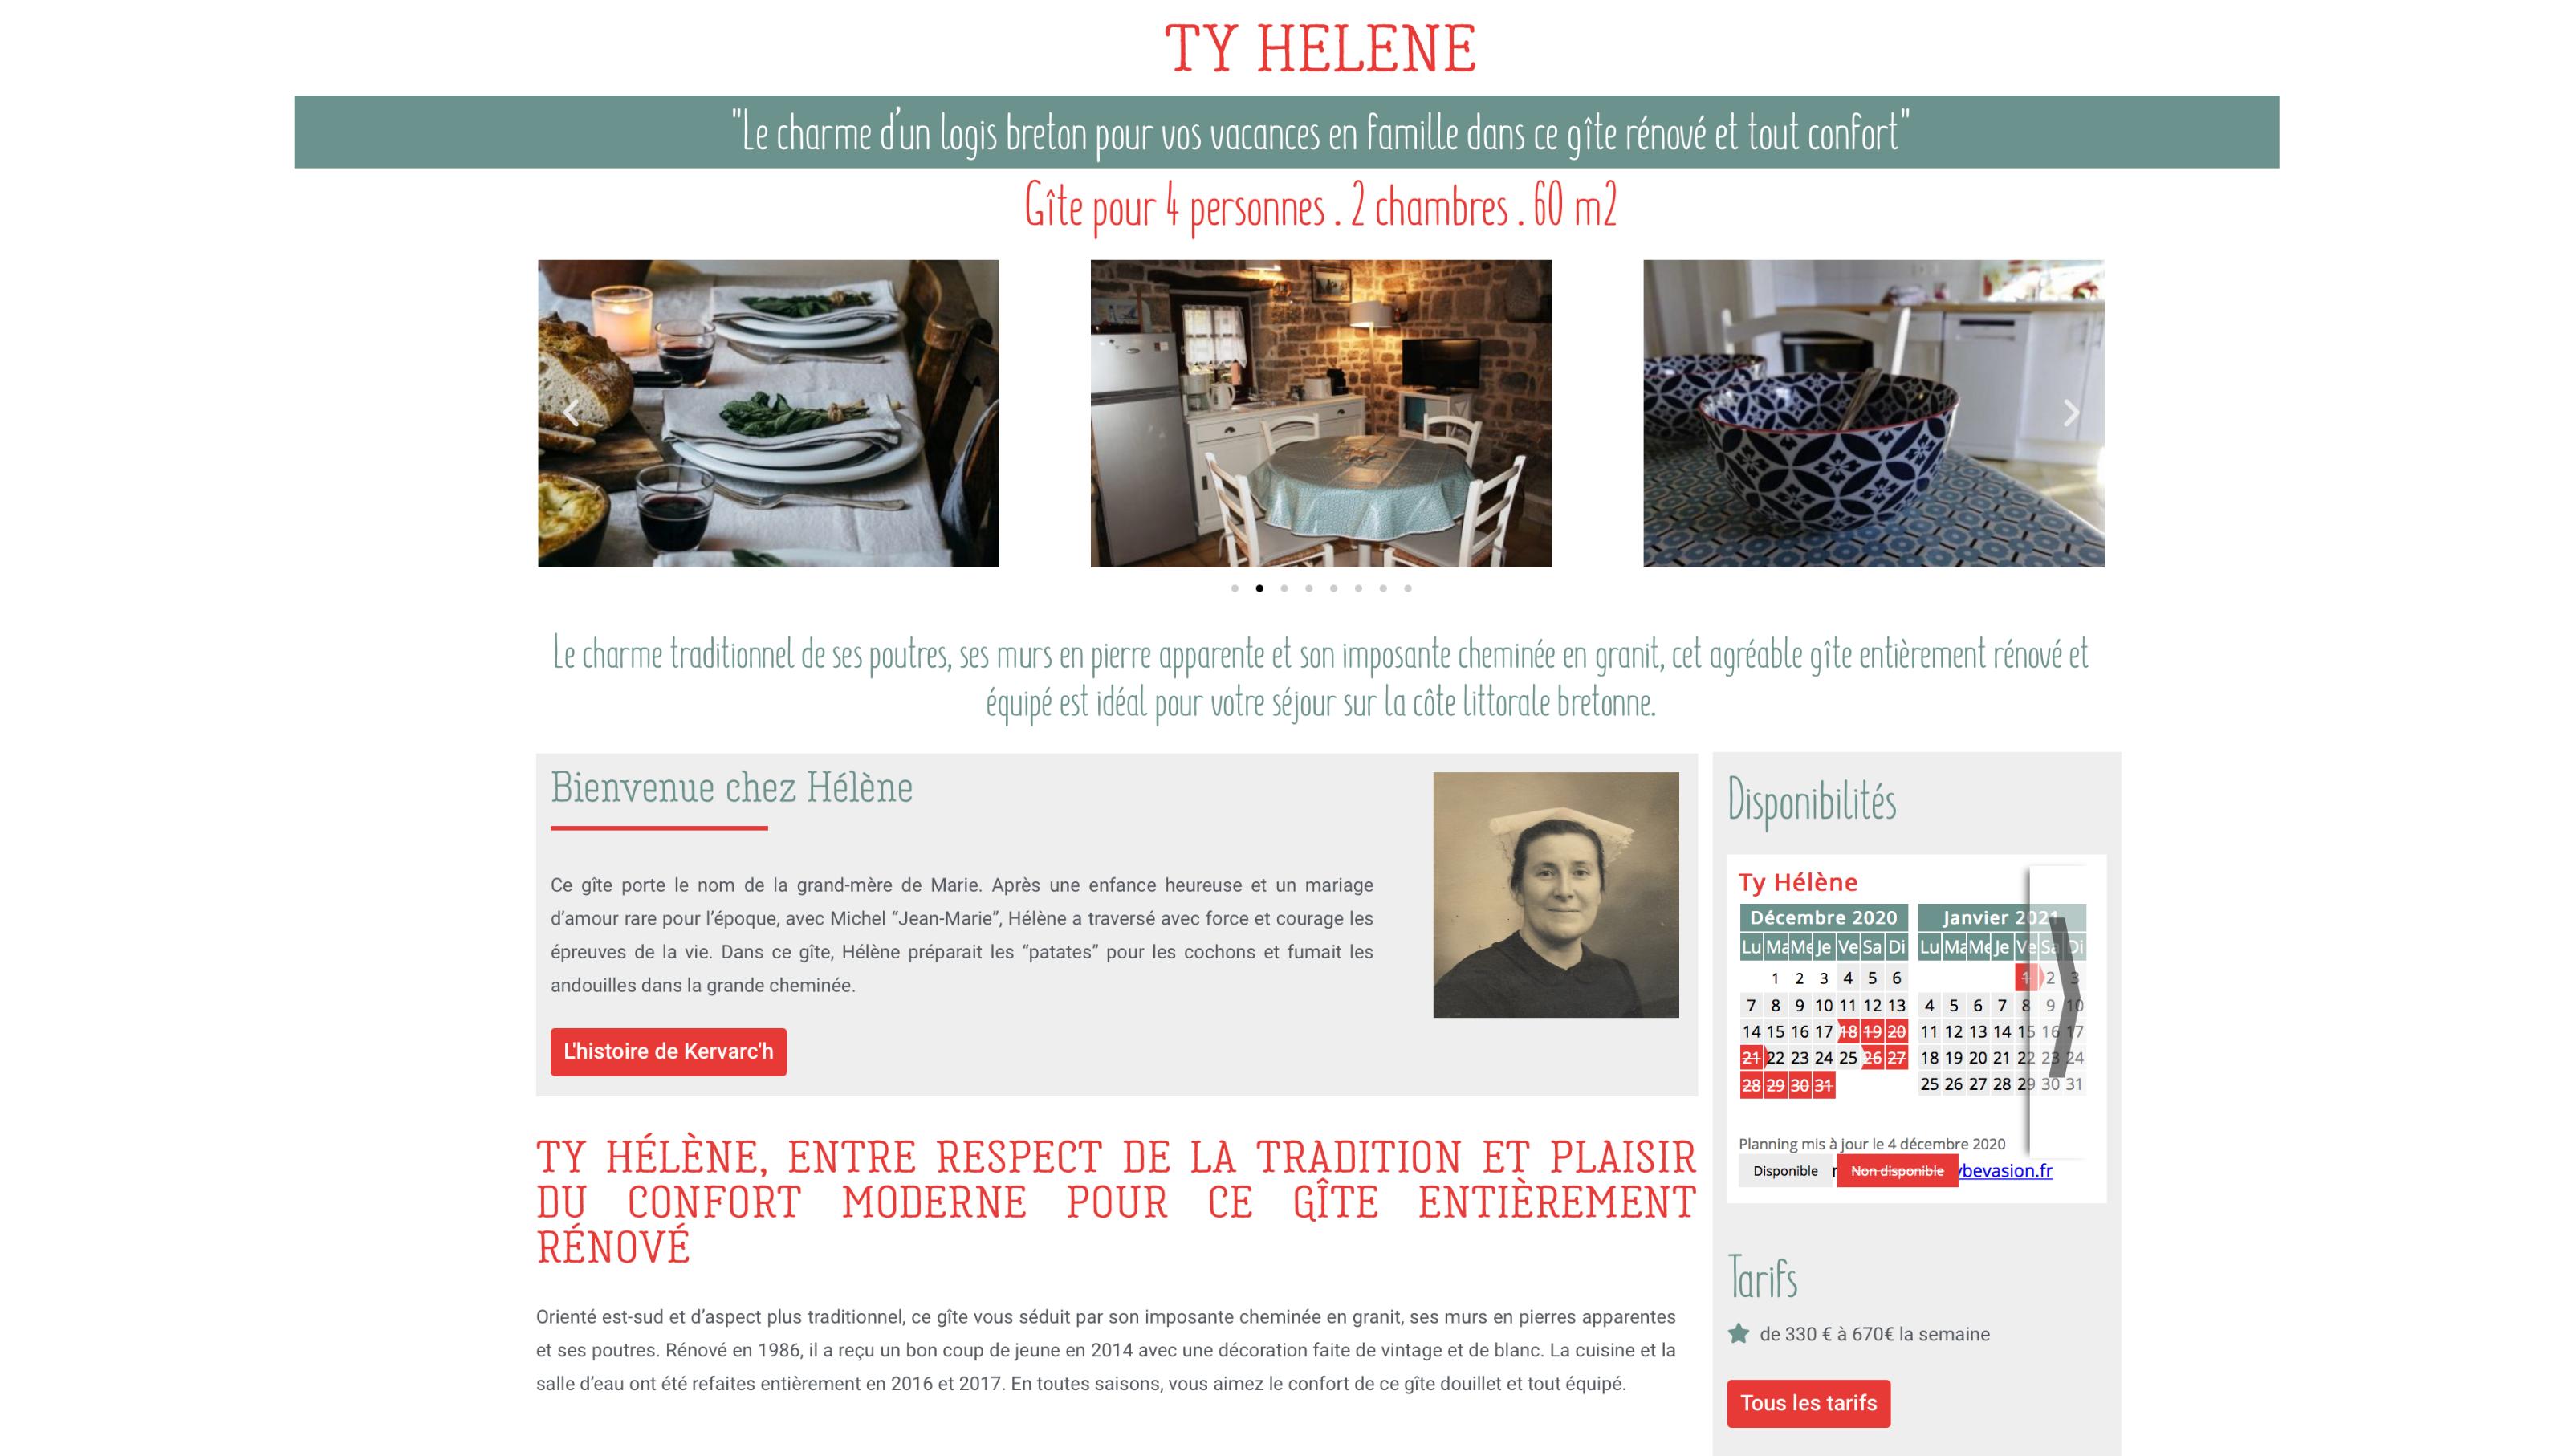 Les Gites de Kervarc'h, Page Ty Hélène